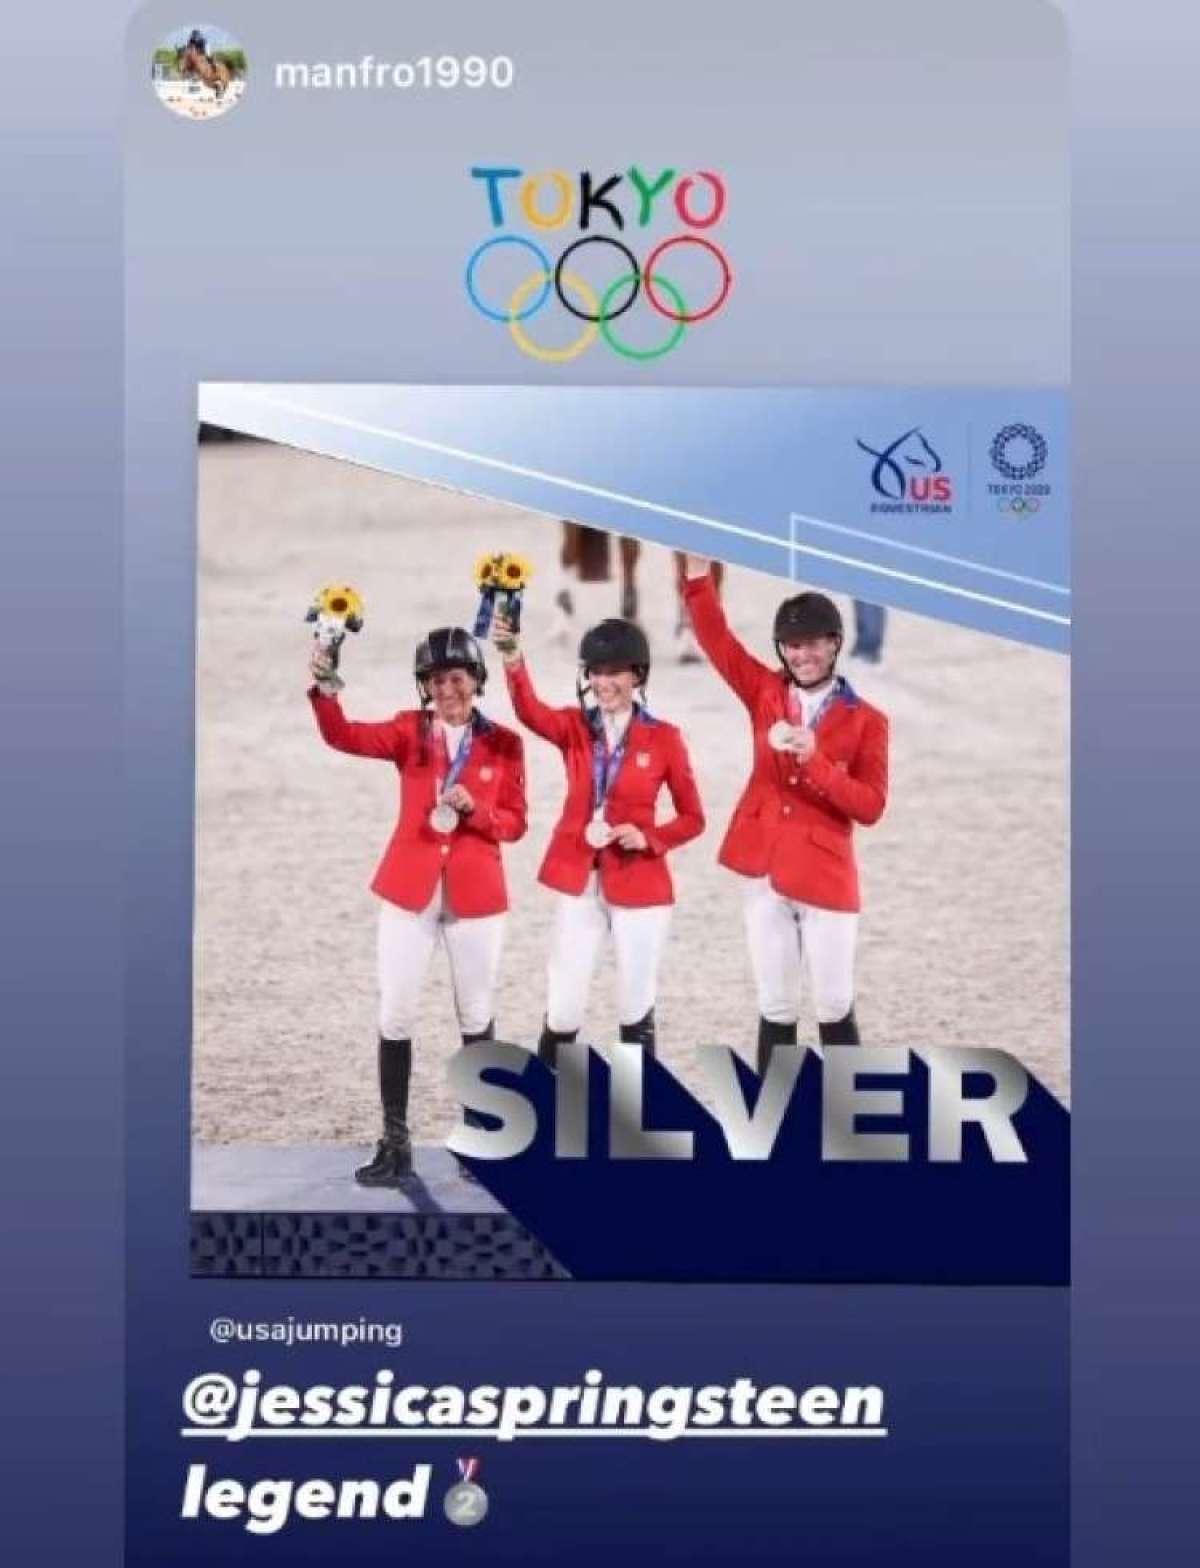 Jessica Springsteen, hčerka legendarnega glasbenika Brucea Springsteena in njen 12-letni žrebec Don Juan van de Donkhoeve sta se na olimpijskih igrah v Tokiu odlično odrezala, na tekmovanju v preskakovanju ovir sta namreč osvojila srebrno medaljo.